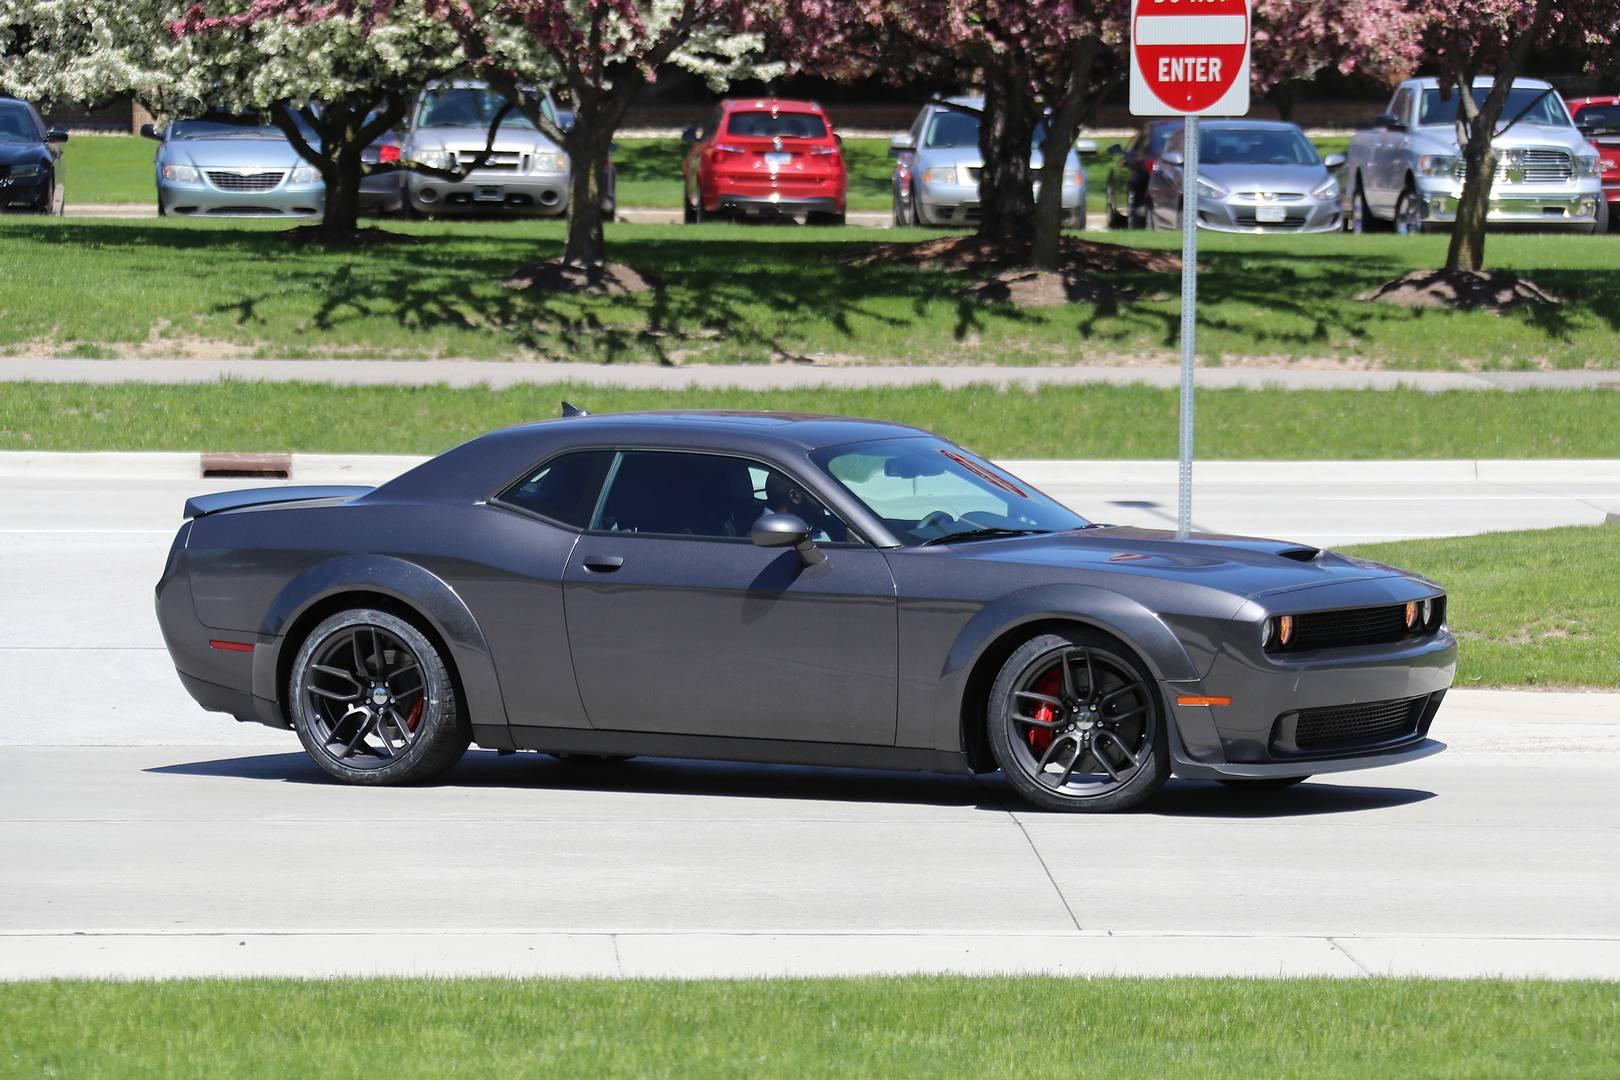 Следующей в очереди является расширенная версия Challenger SRT Hellcat. Он очень похож на недавно выпущенный Demon, но значки спереди и сзади показывают, что этот автомобиль основан на Hellcat. У тестового автомобиля тоже капот Hellcat, а его колеса